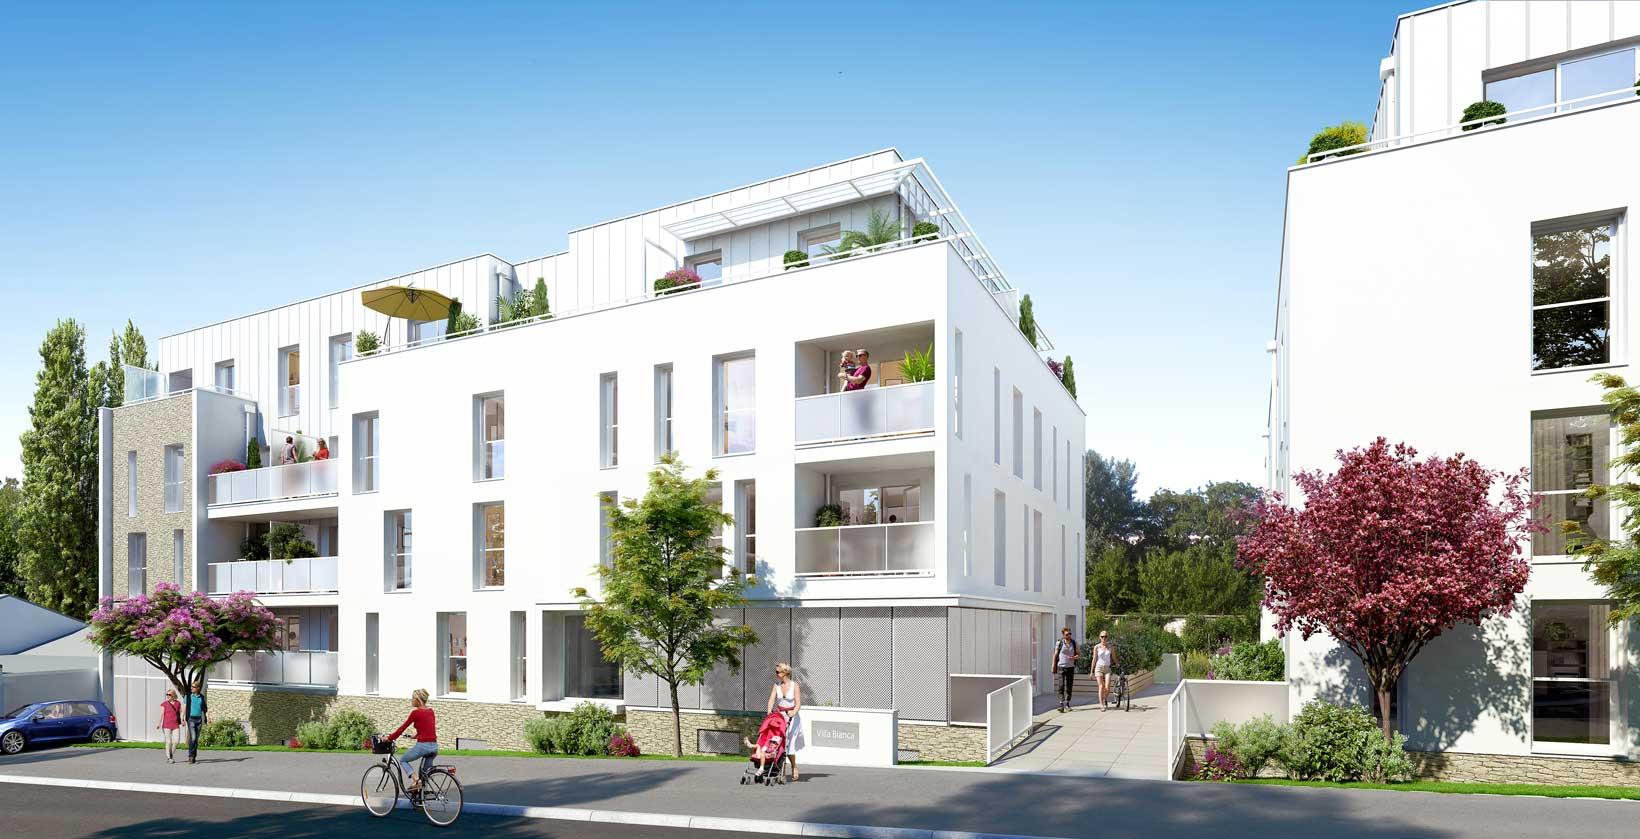 Programme immobilier neuf Montpellier : Ce qu'il est conseillé de faire pour acheter un bien au meilleur prix